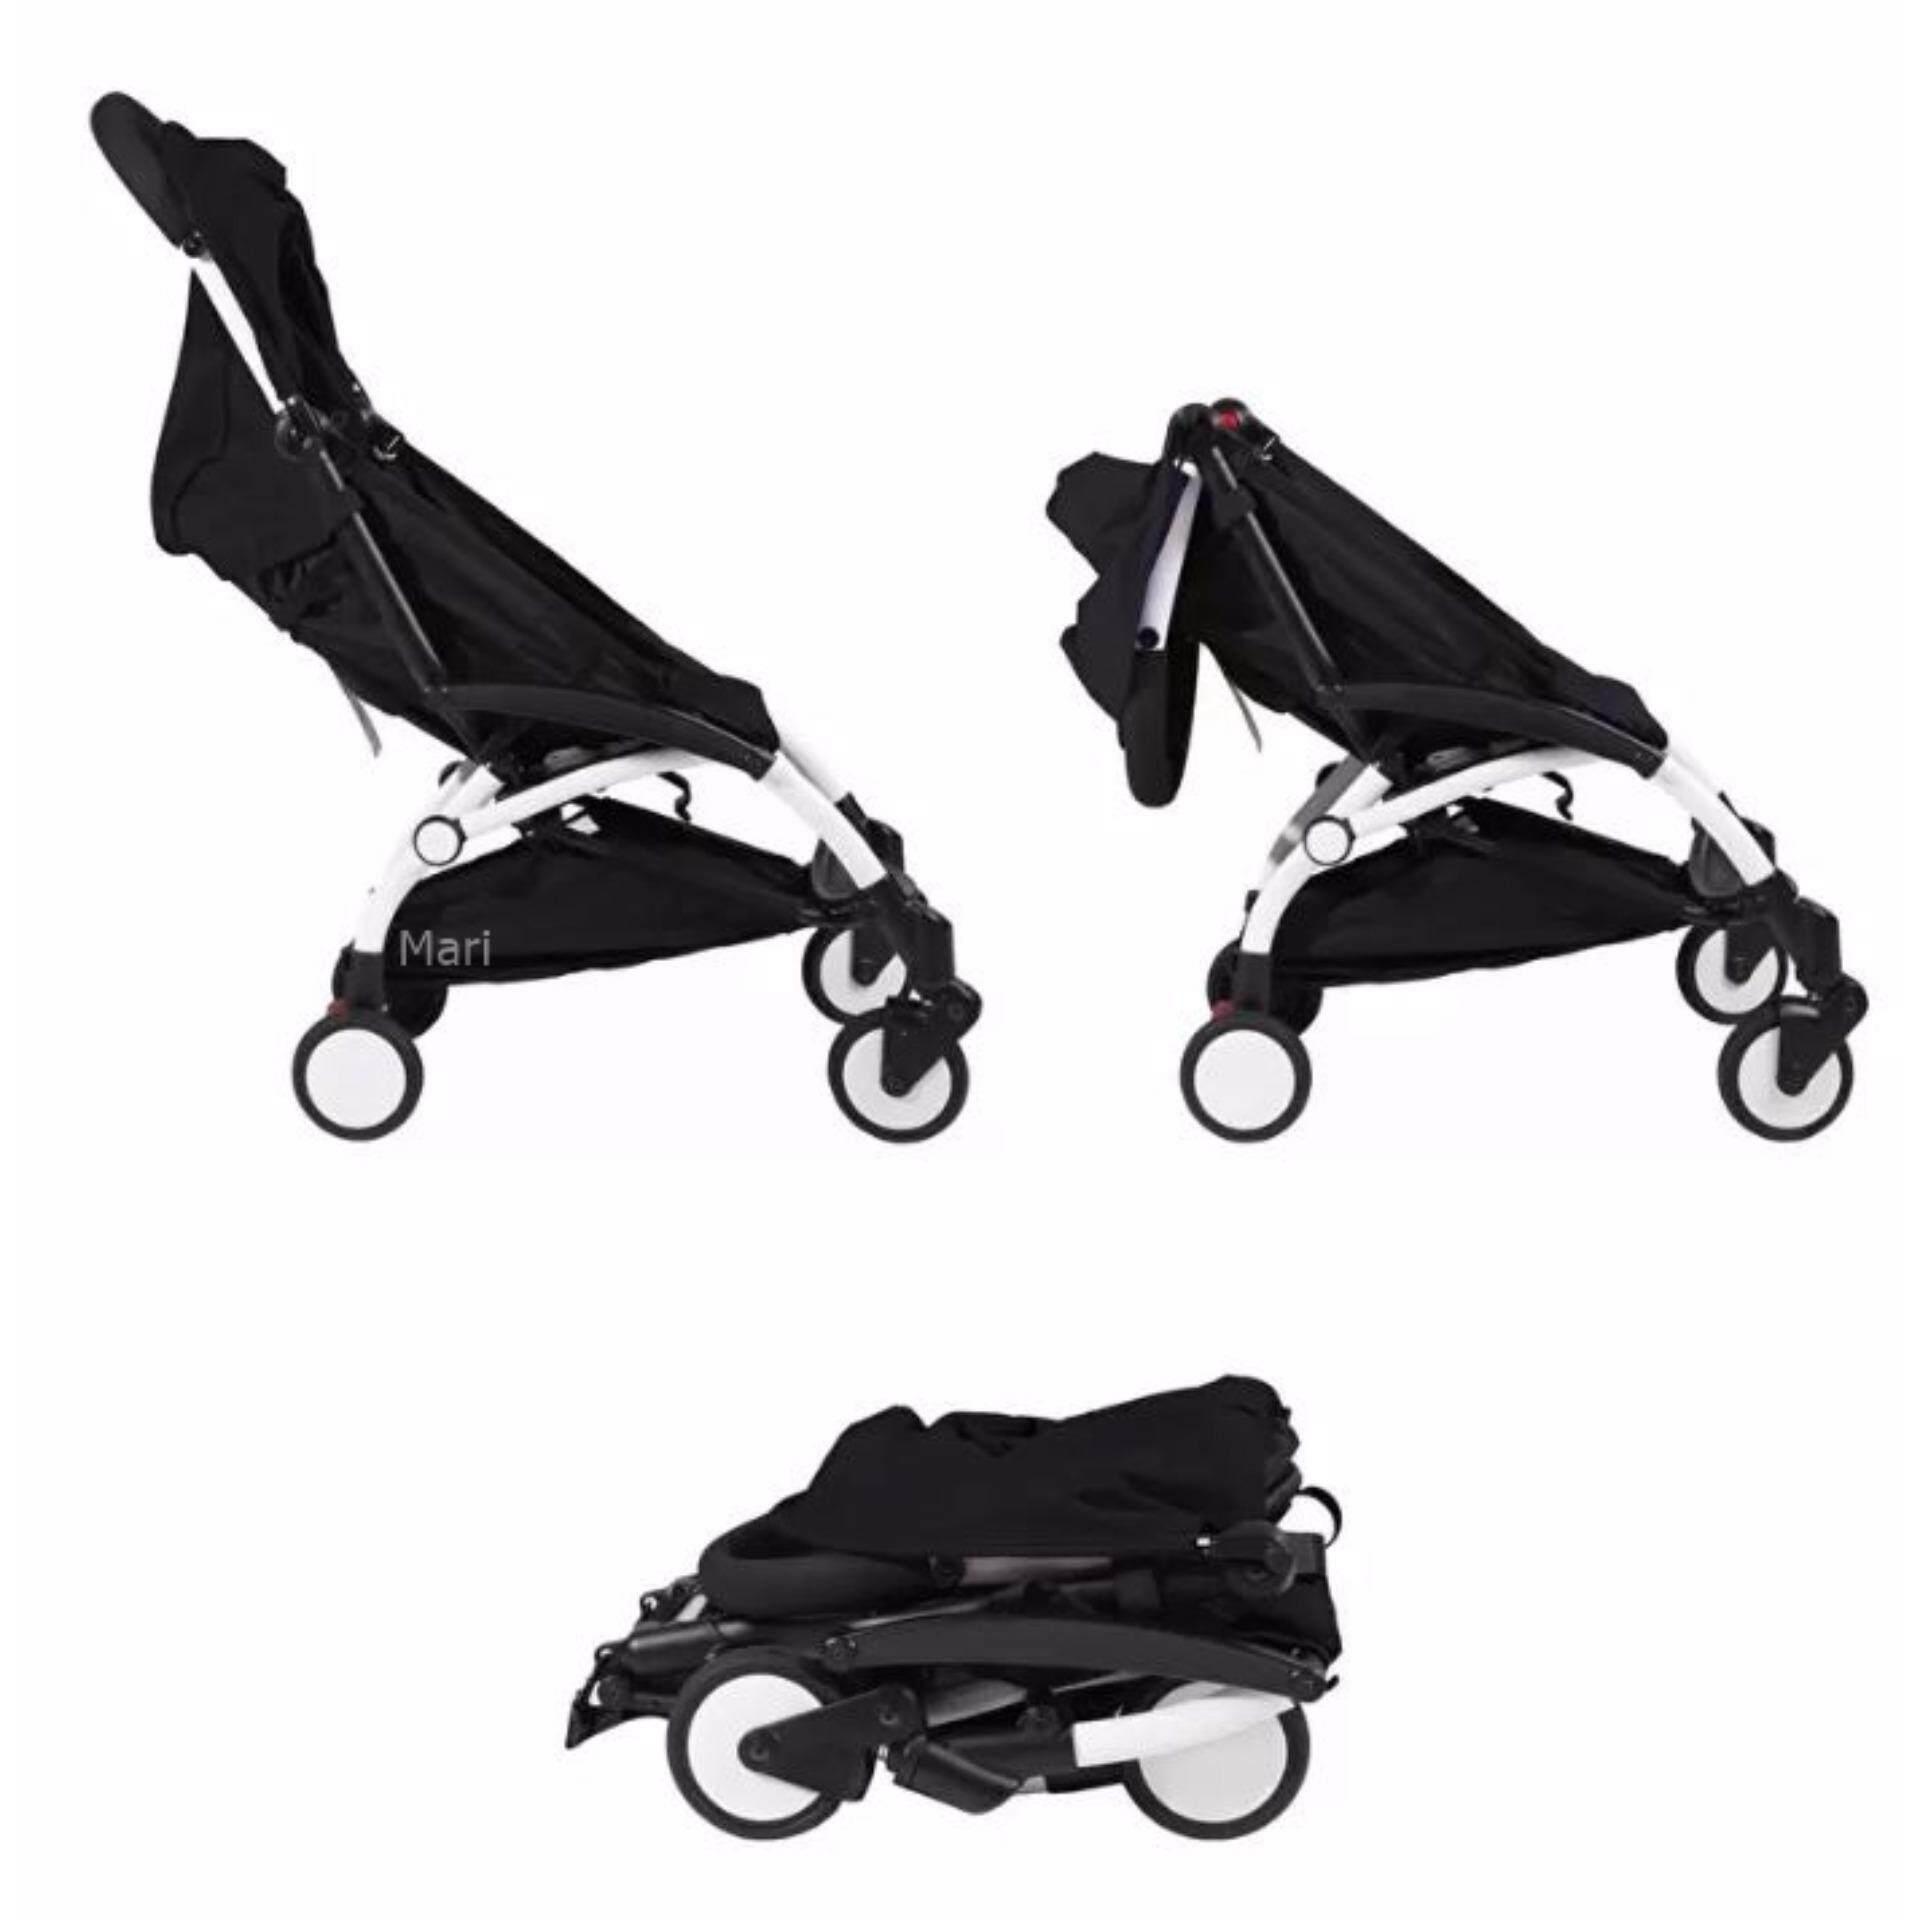 ลดล้างสต๊อกส่งท้ายปี Baby Jogger รถเข็นเด็กแบบนอน Baby Jogger รถเข็นเด็ก City Mini Zip - Black ดีจริง ๆ